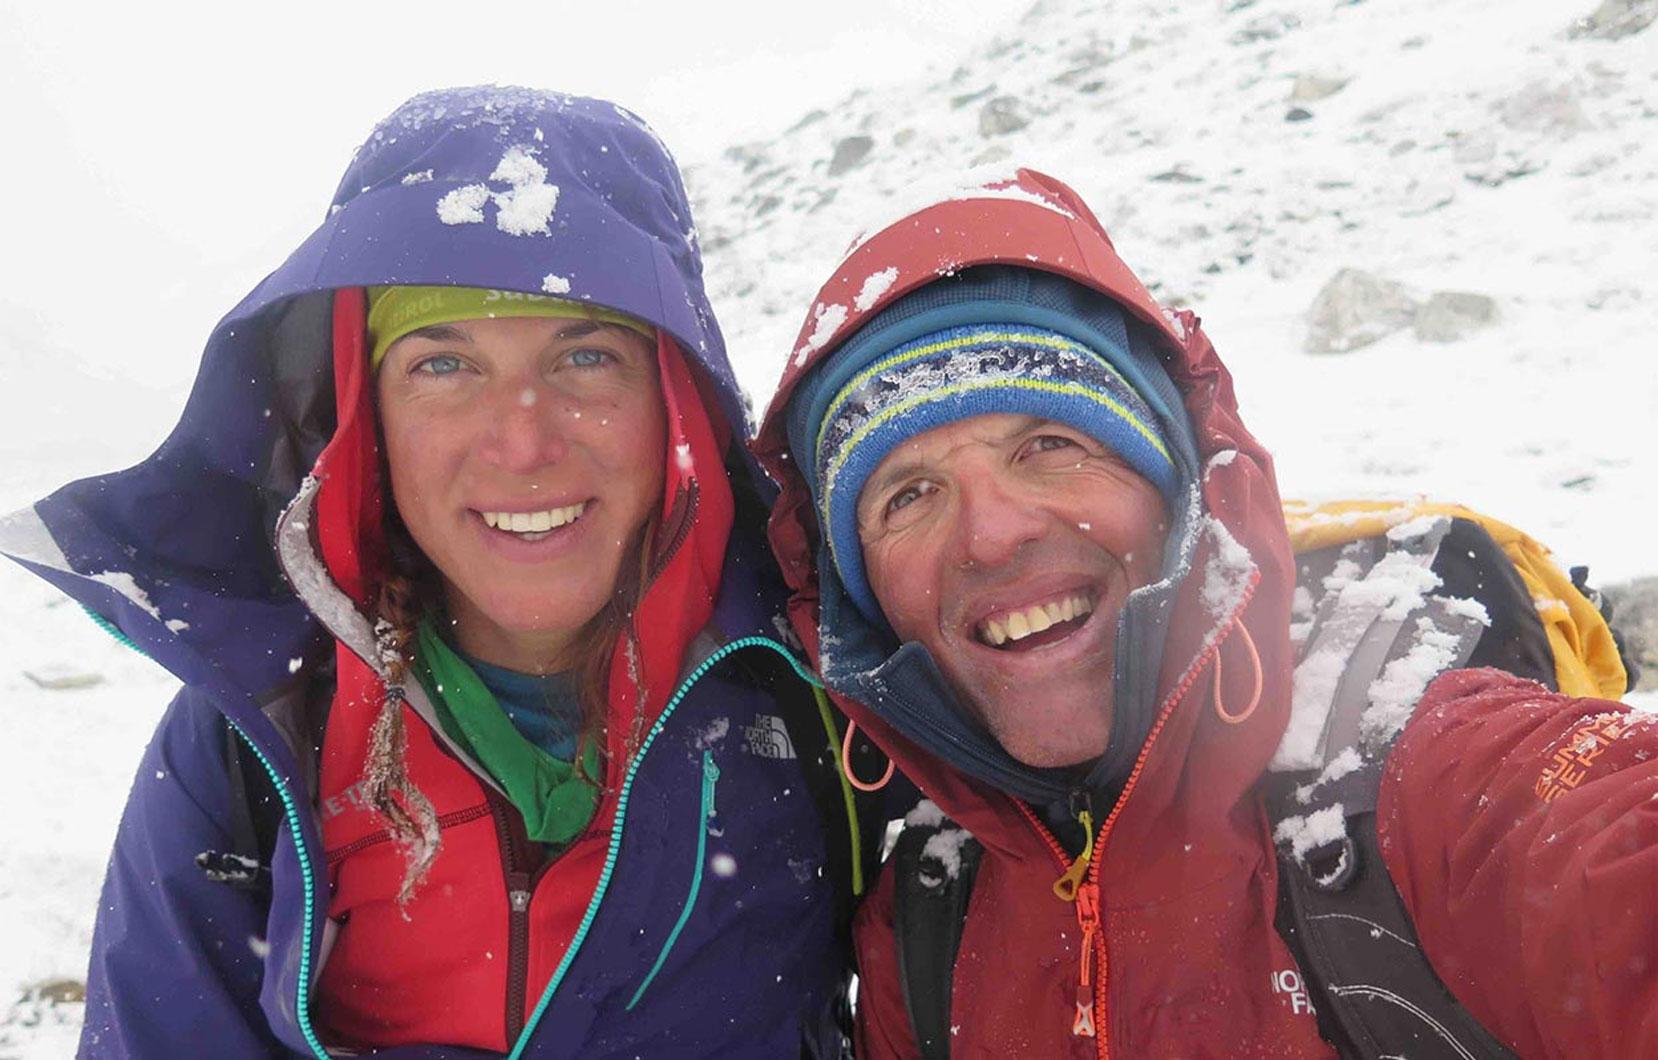 Lunger y Moro, a por el primer encadenamiento invernal de dos ochomiles